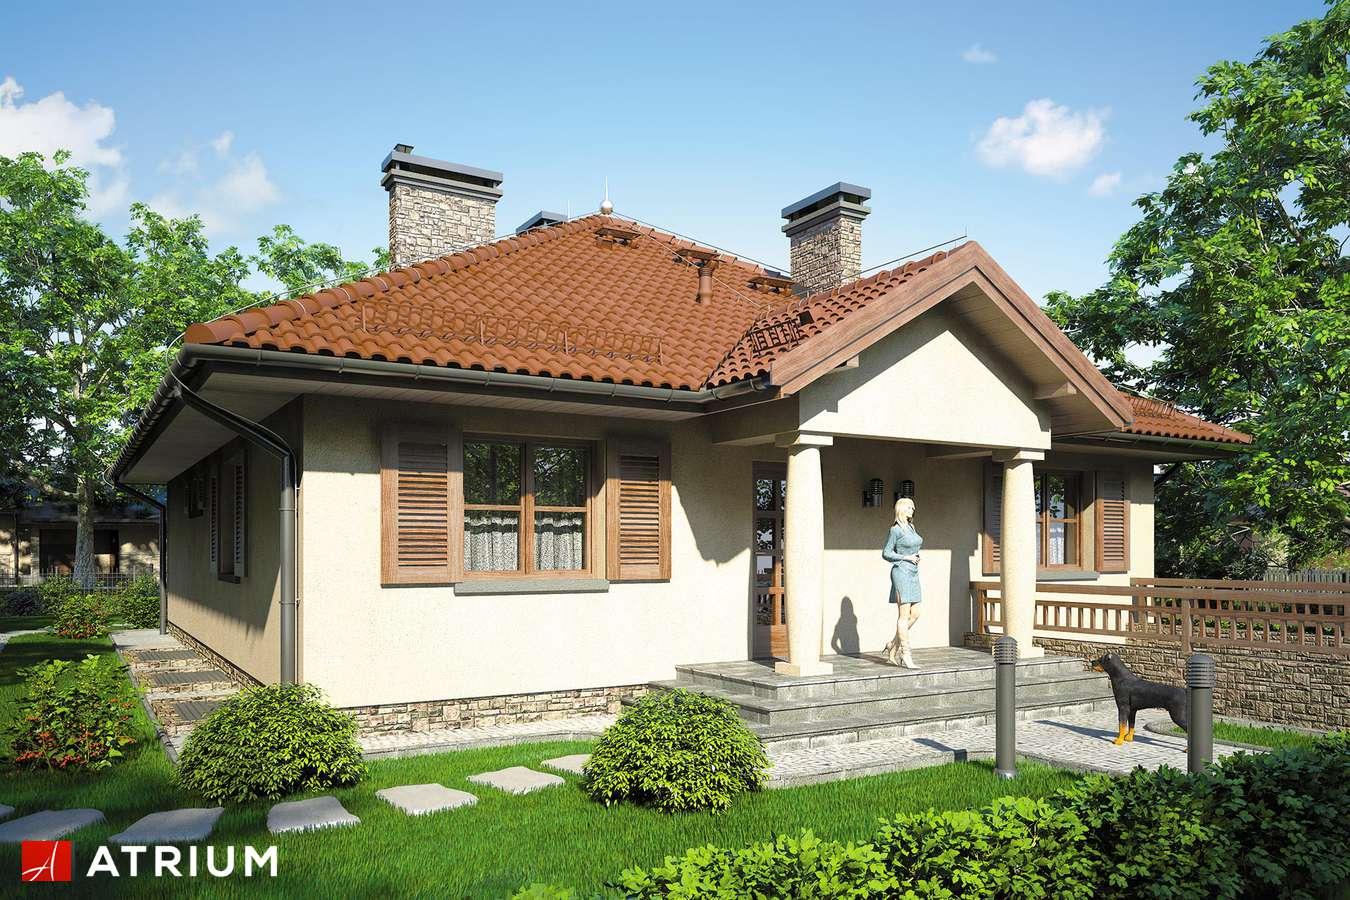 Projekty domów - Projekt domu parterowego KALIFORNIA II - wizualizacja 1 - wersja lustrzana